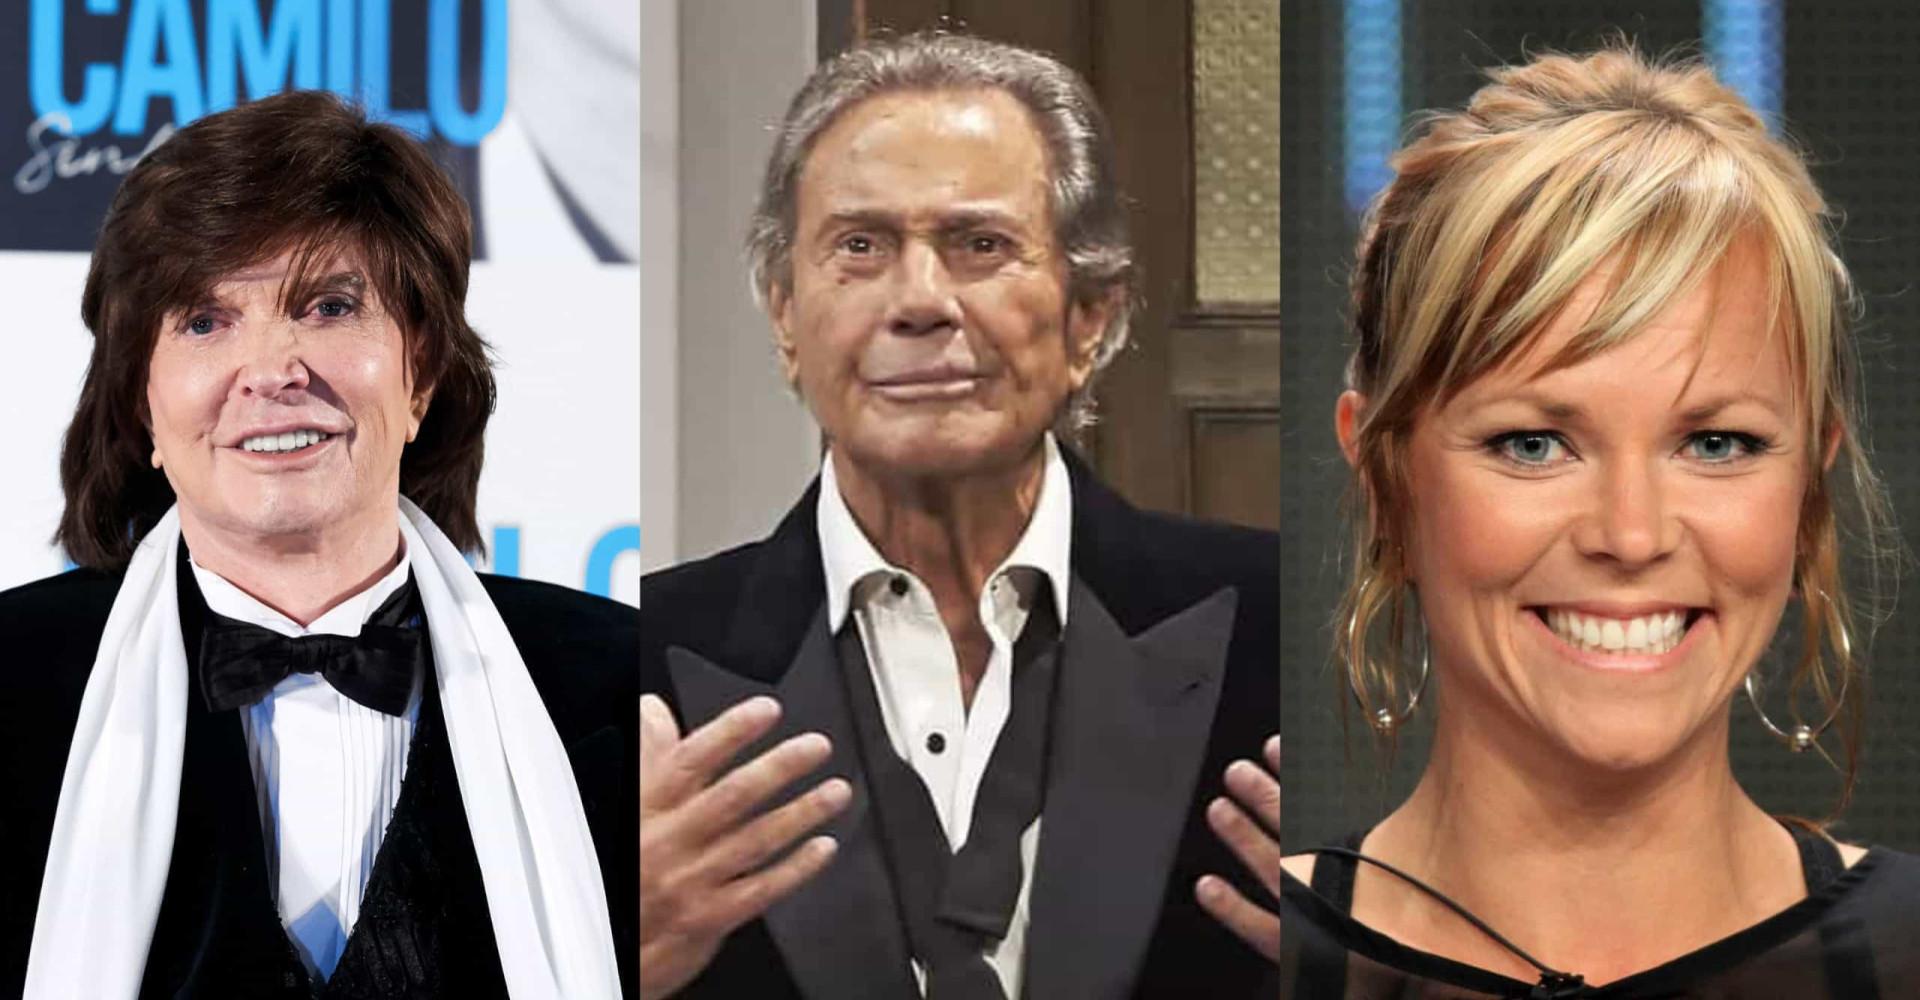 Camilo Sesto y otras celebridades que murieron en el 2019